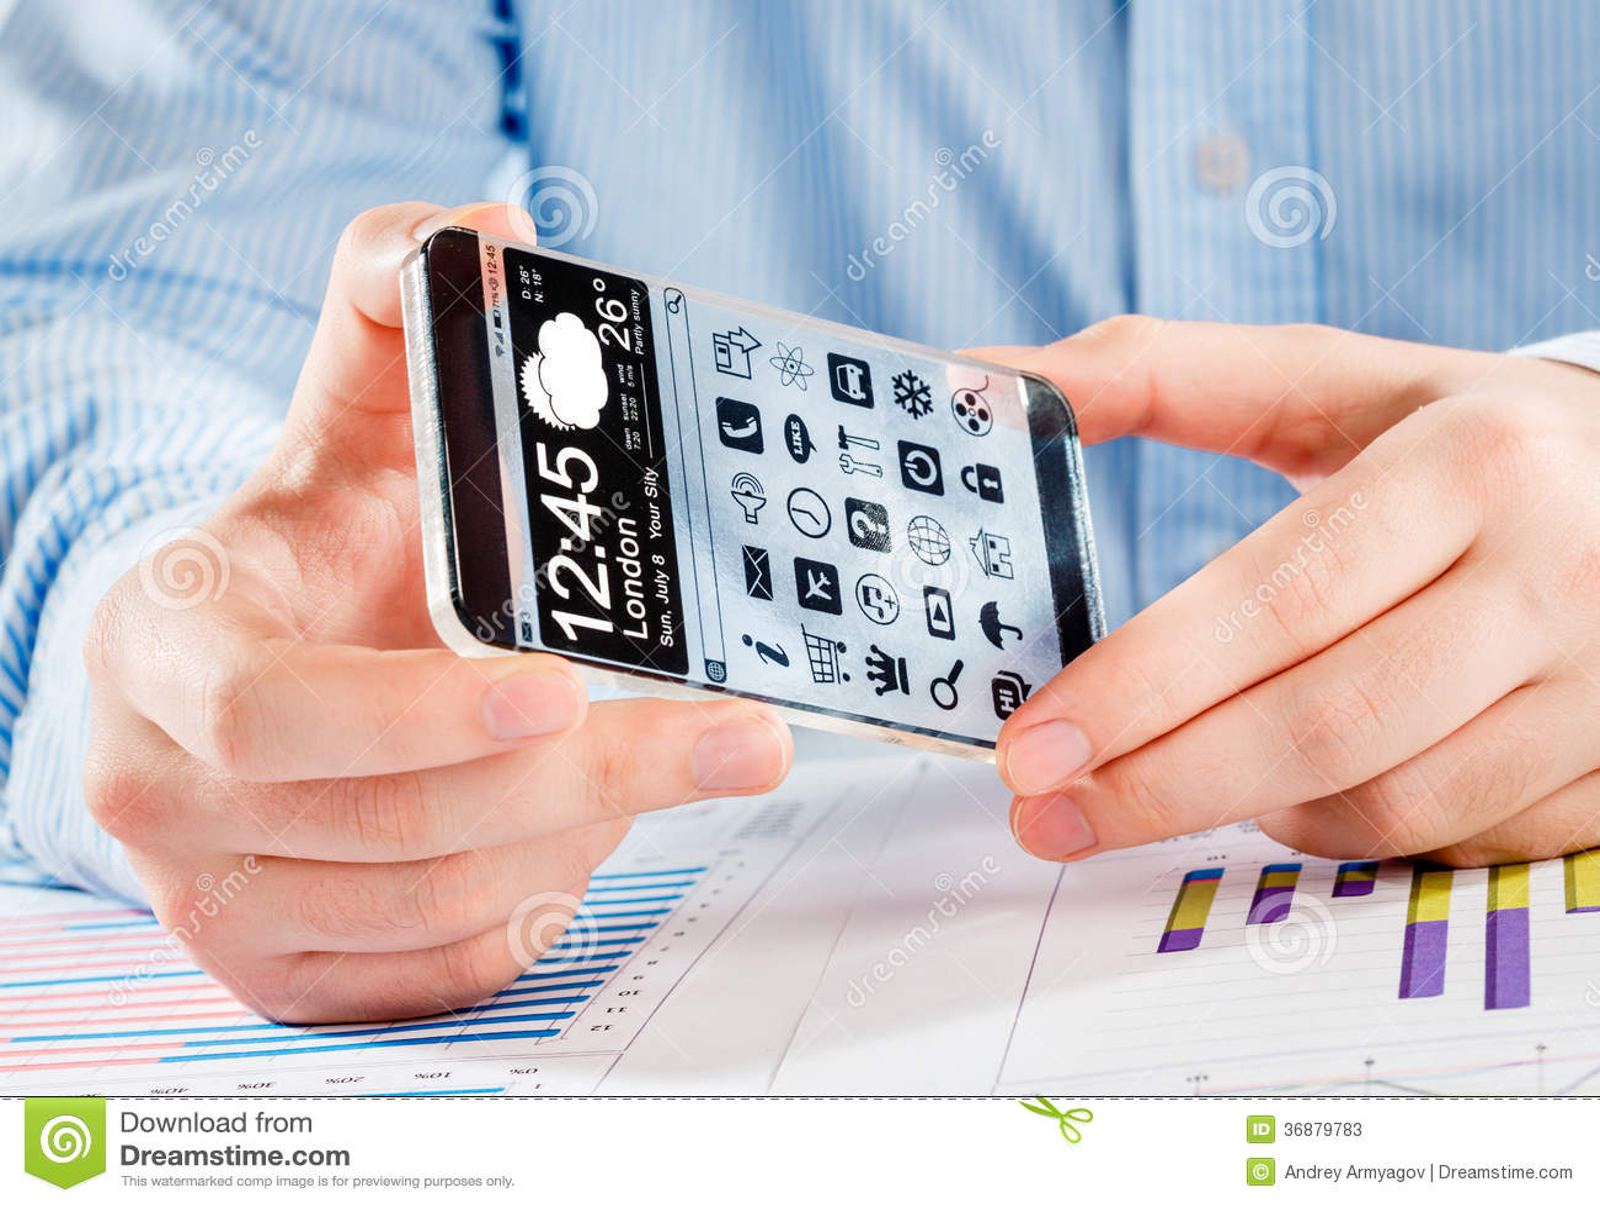 Download Smartphone Con Lo Schermo Trasparente In Mani Umane. Illustrazione di Stock - Illustrazione di comunicazione, futuro: 36879783